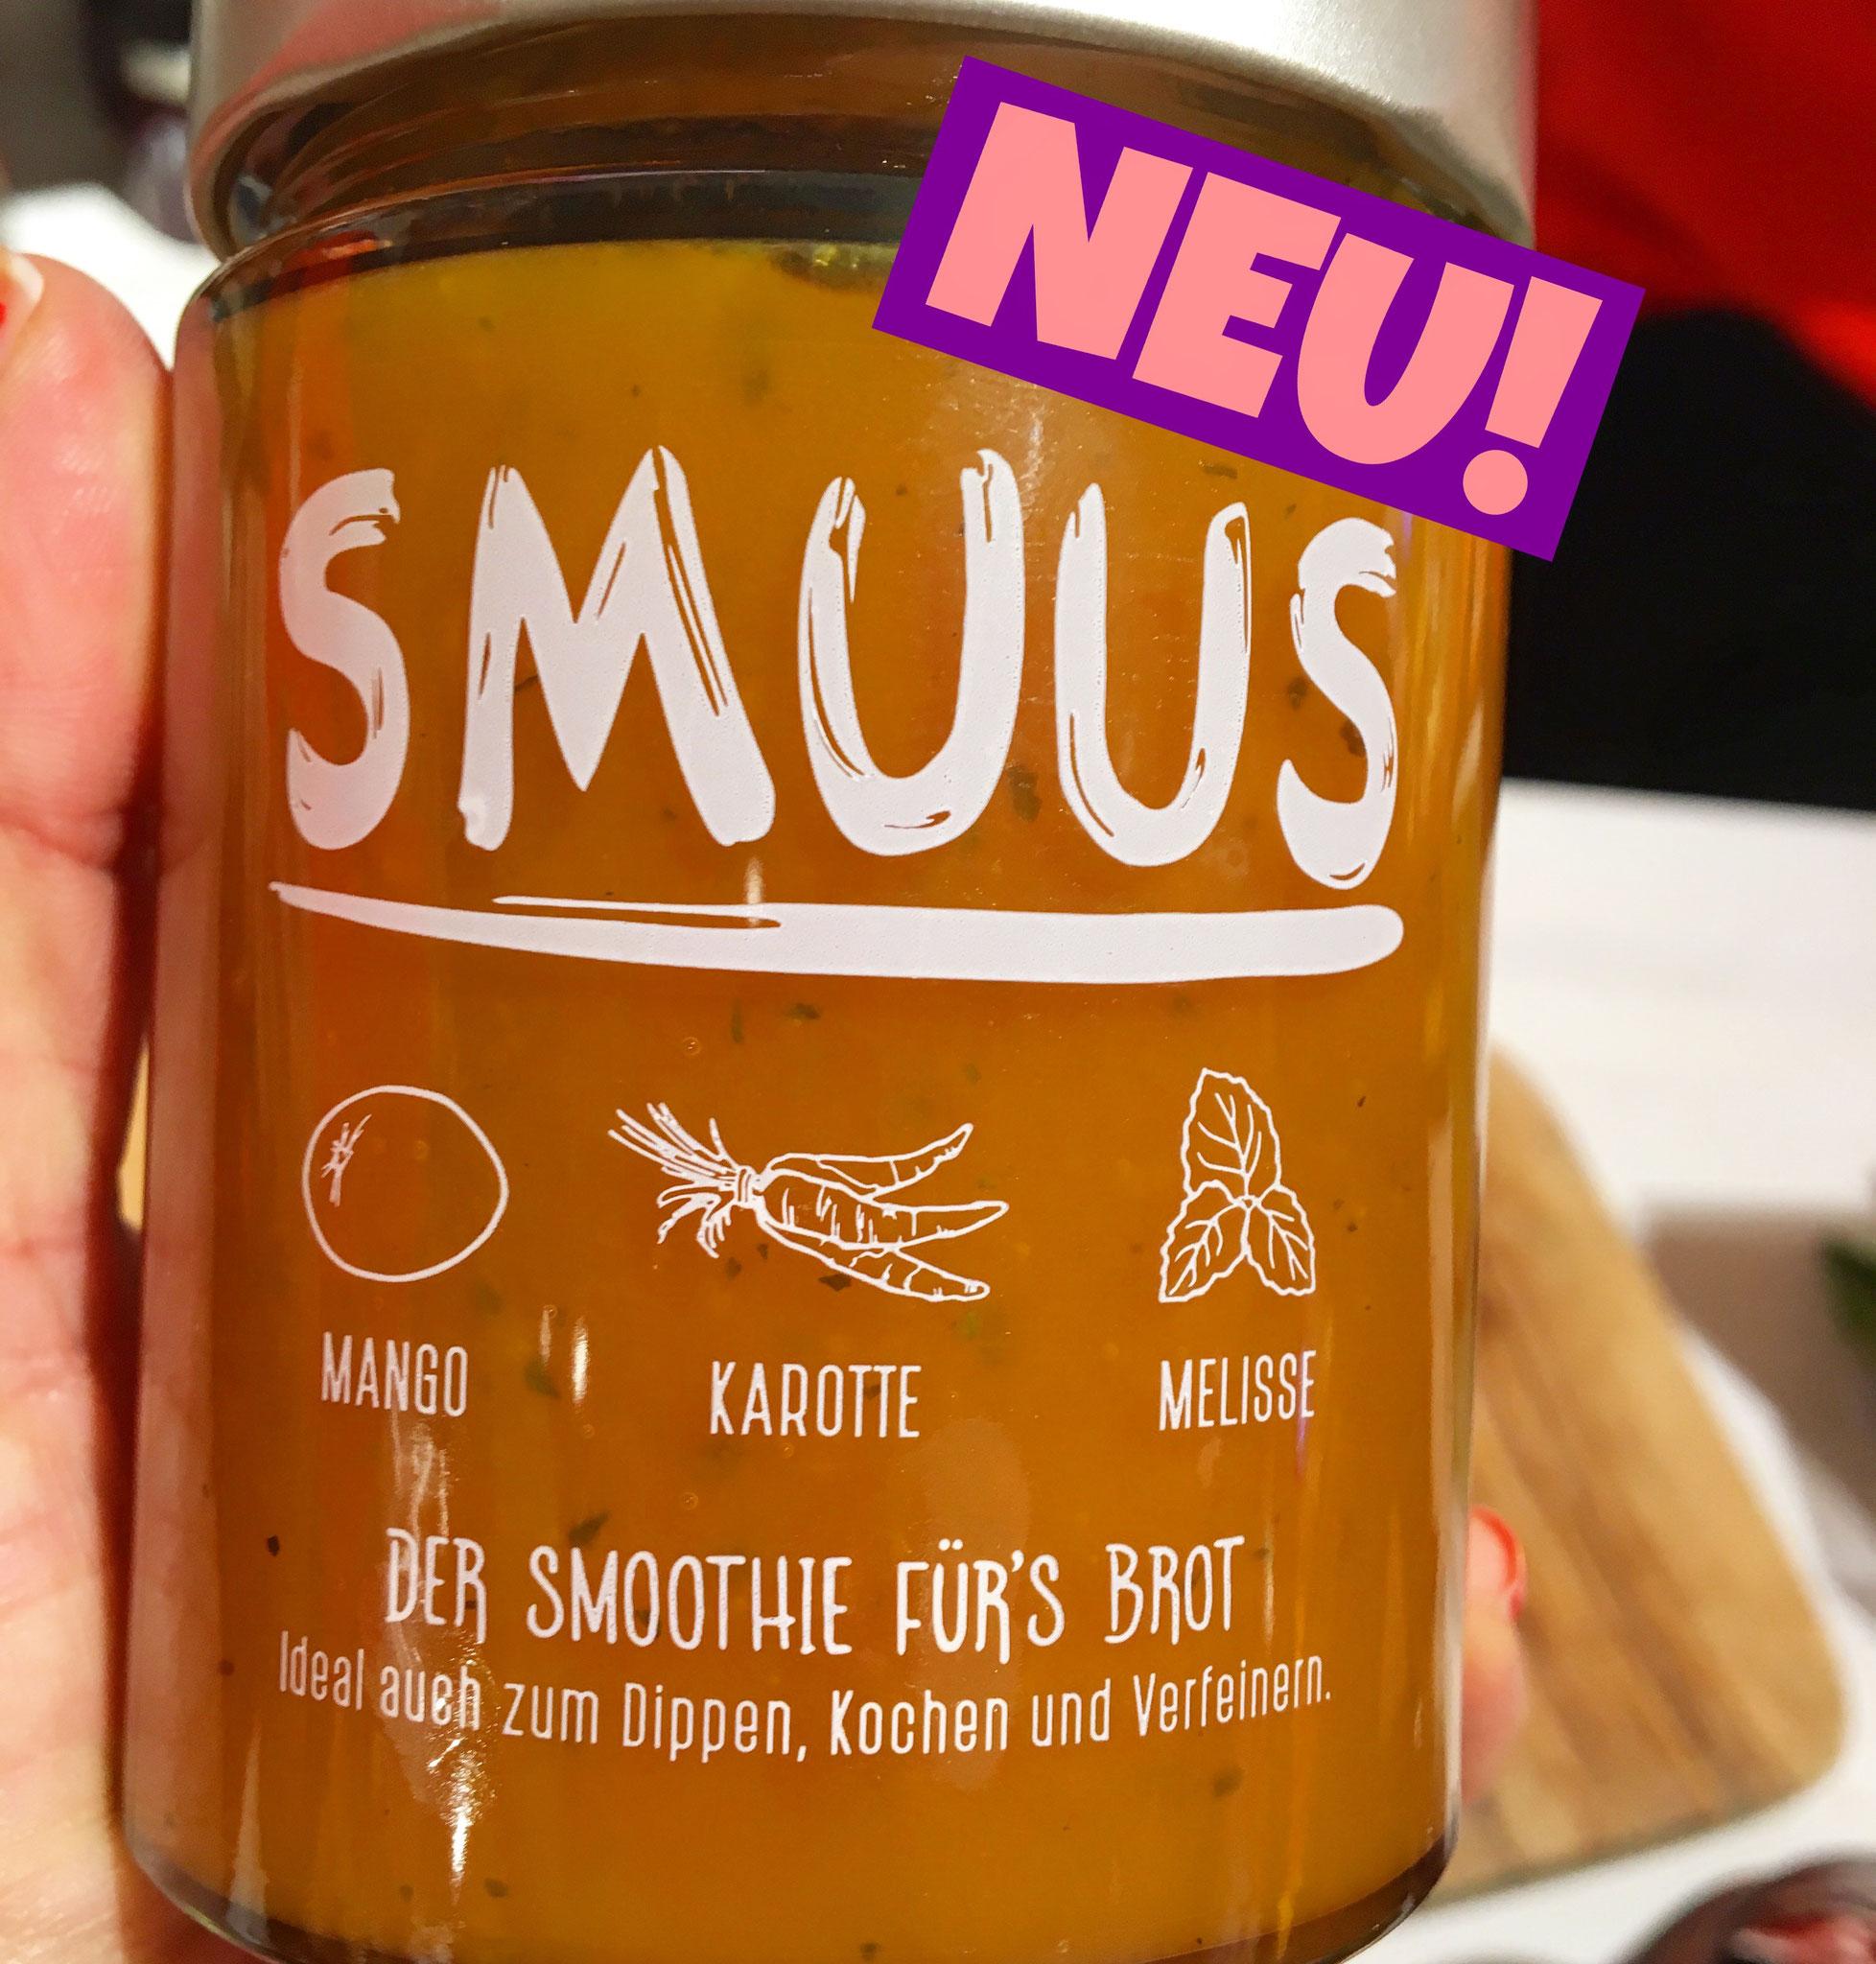 Smuus Smoothie fürs Brot